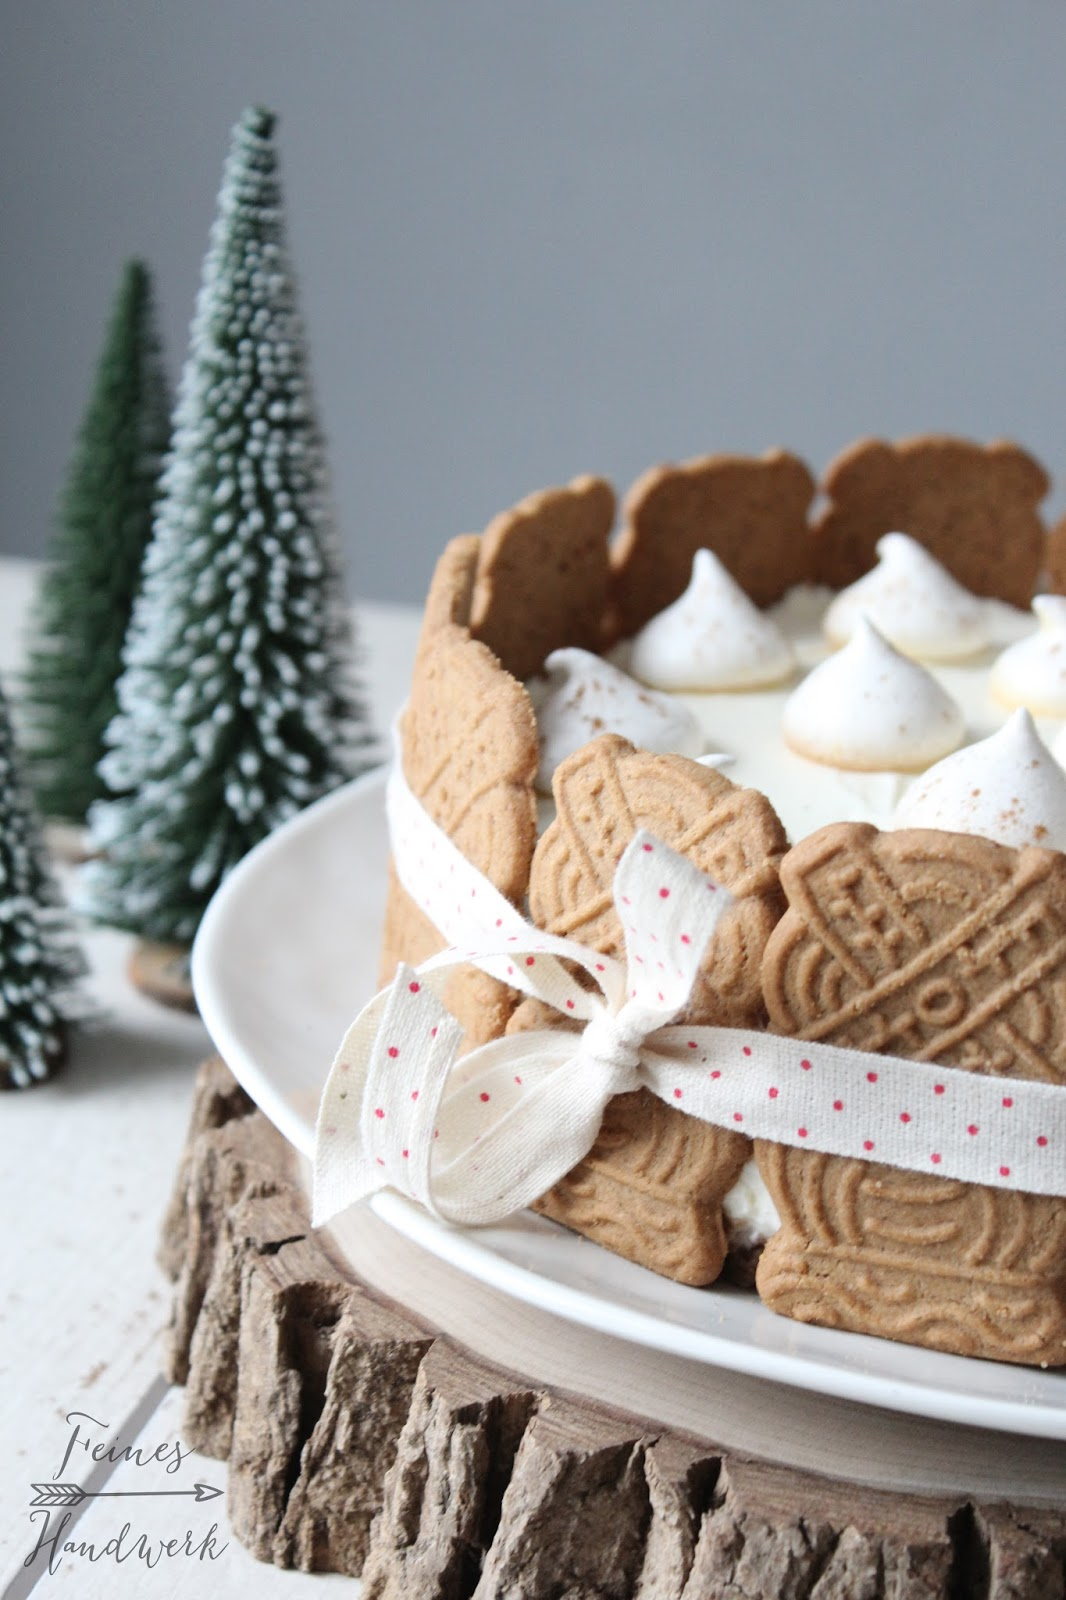 Feines Handwerk: Frohe Weihnachten - Spekulatius Torte